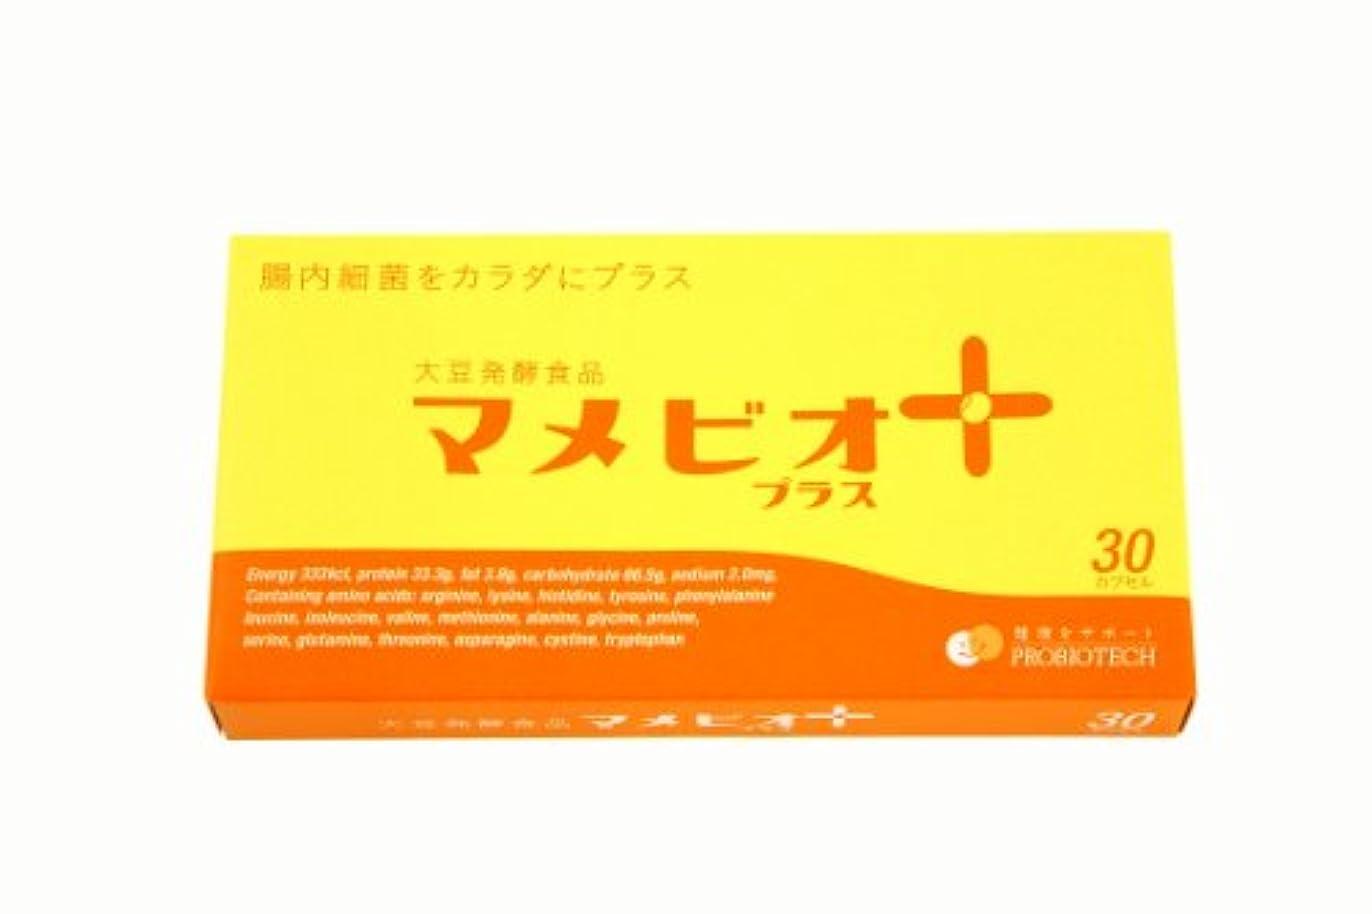 土壌菌サプリ マメビオプラス(1箱)自然大豆発酵食品